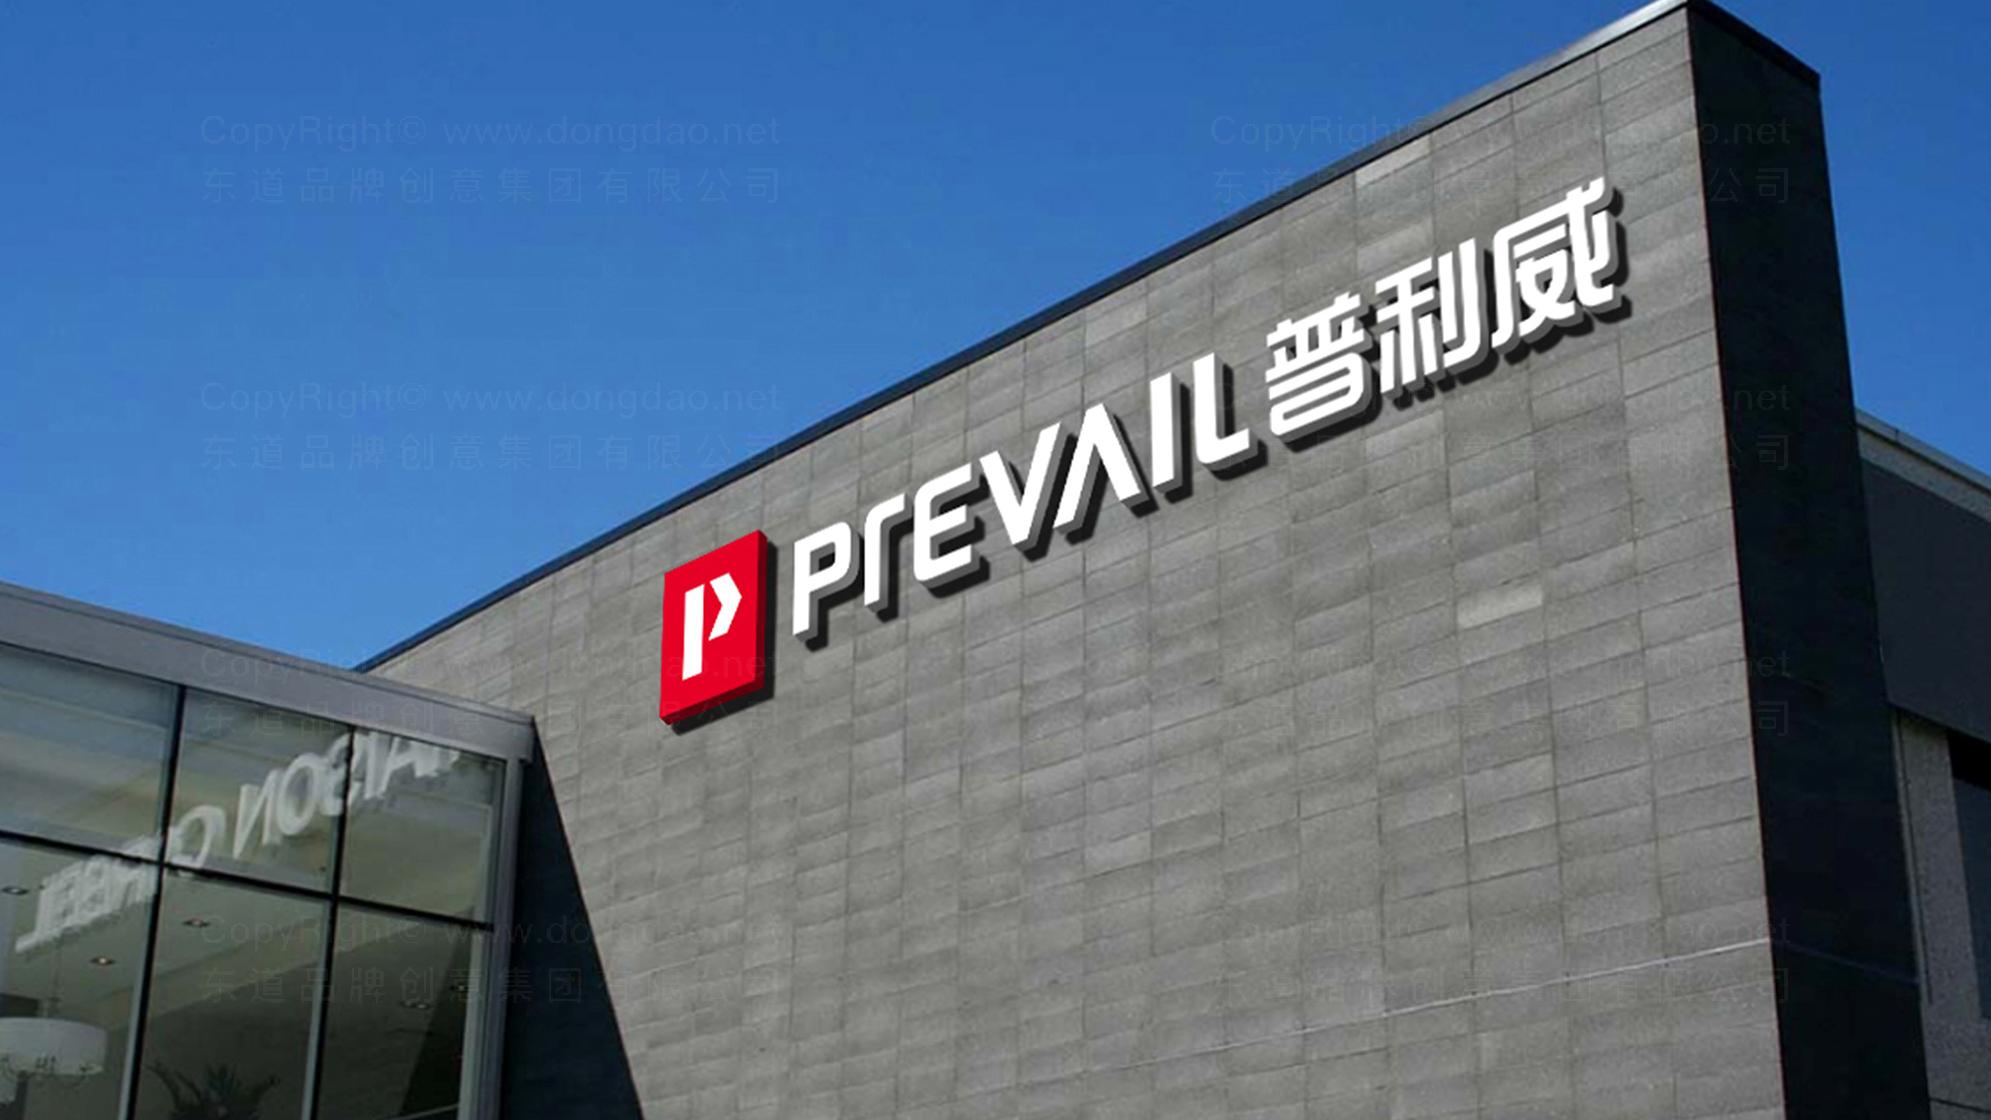 品牌设计香港普利威建筑五金(集团)有限公司标志设计LOGO&VI设计应用场景_5